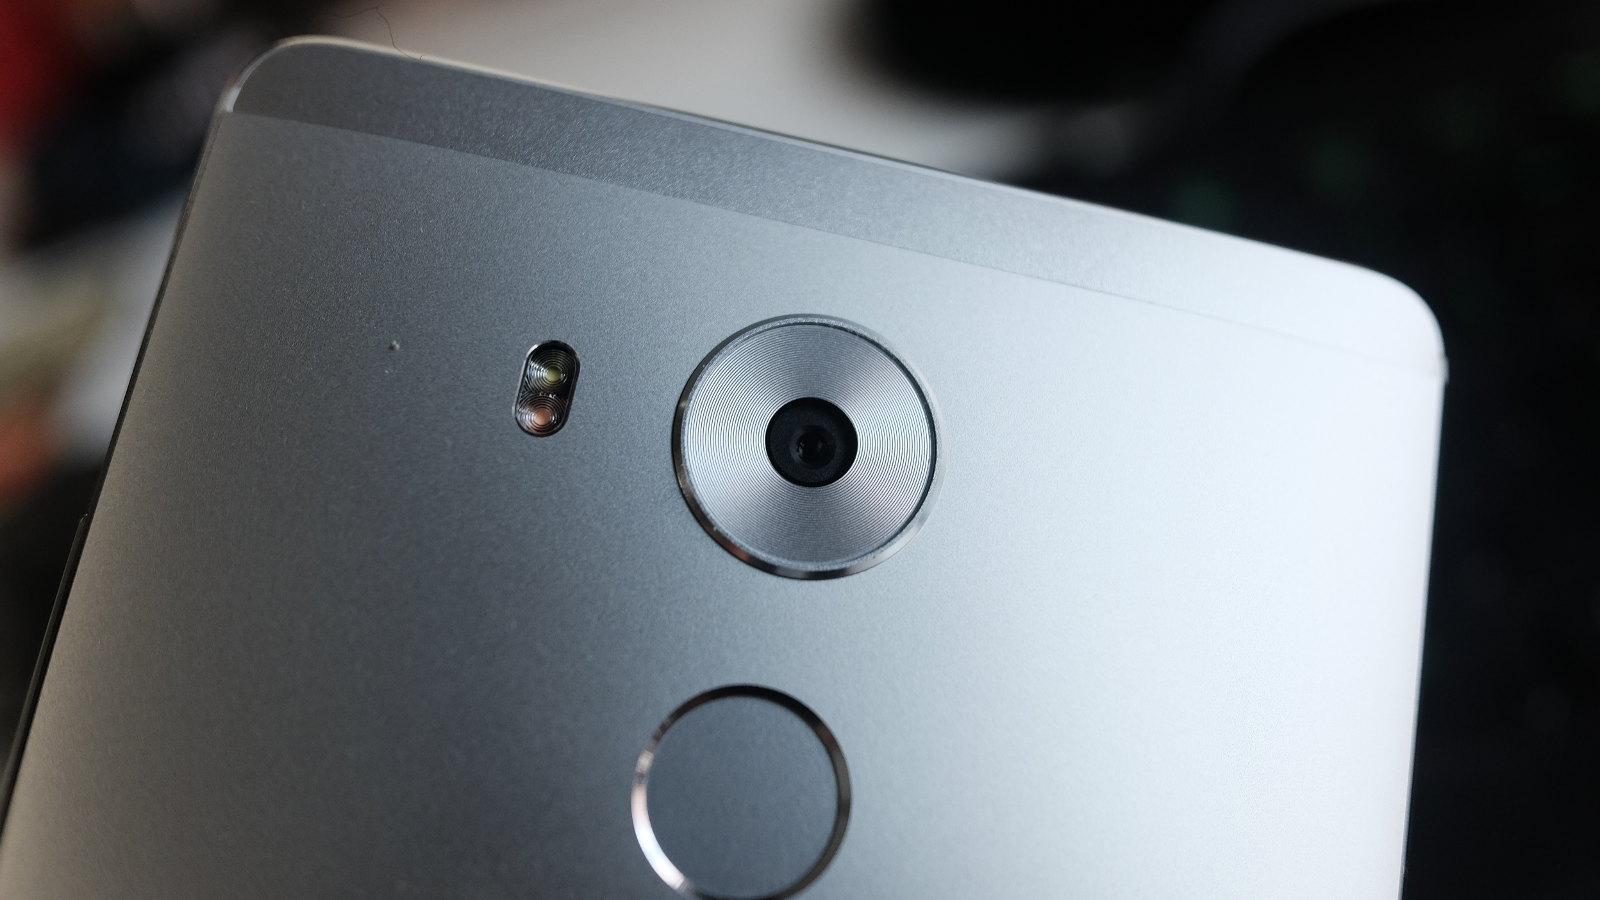 huawei mate 8 rear Galaxy Note 7